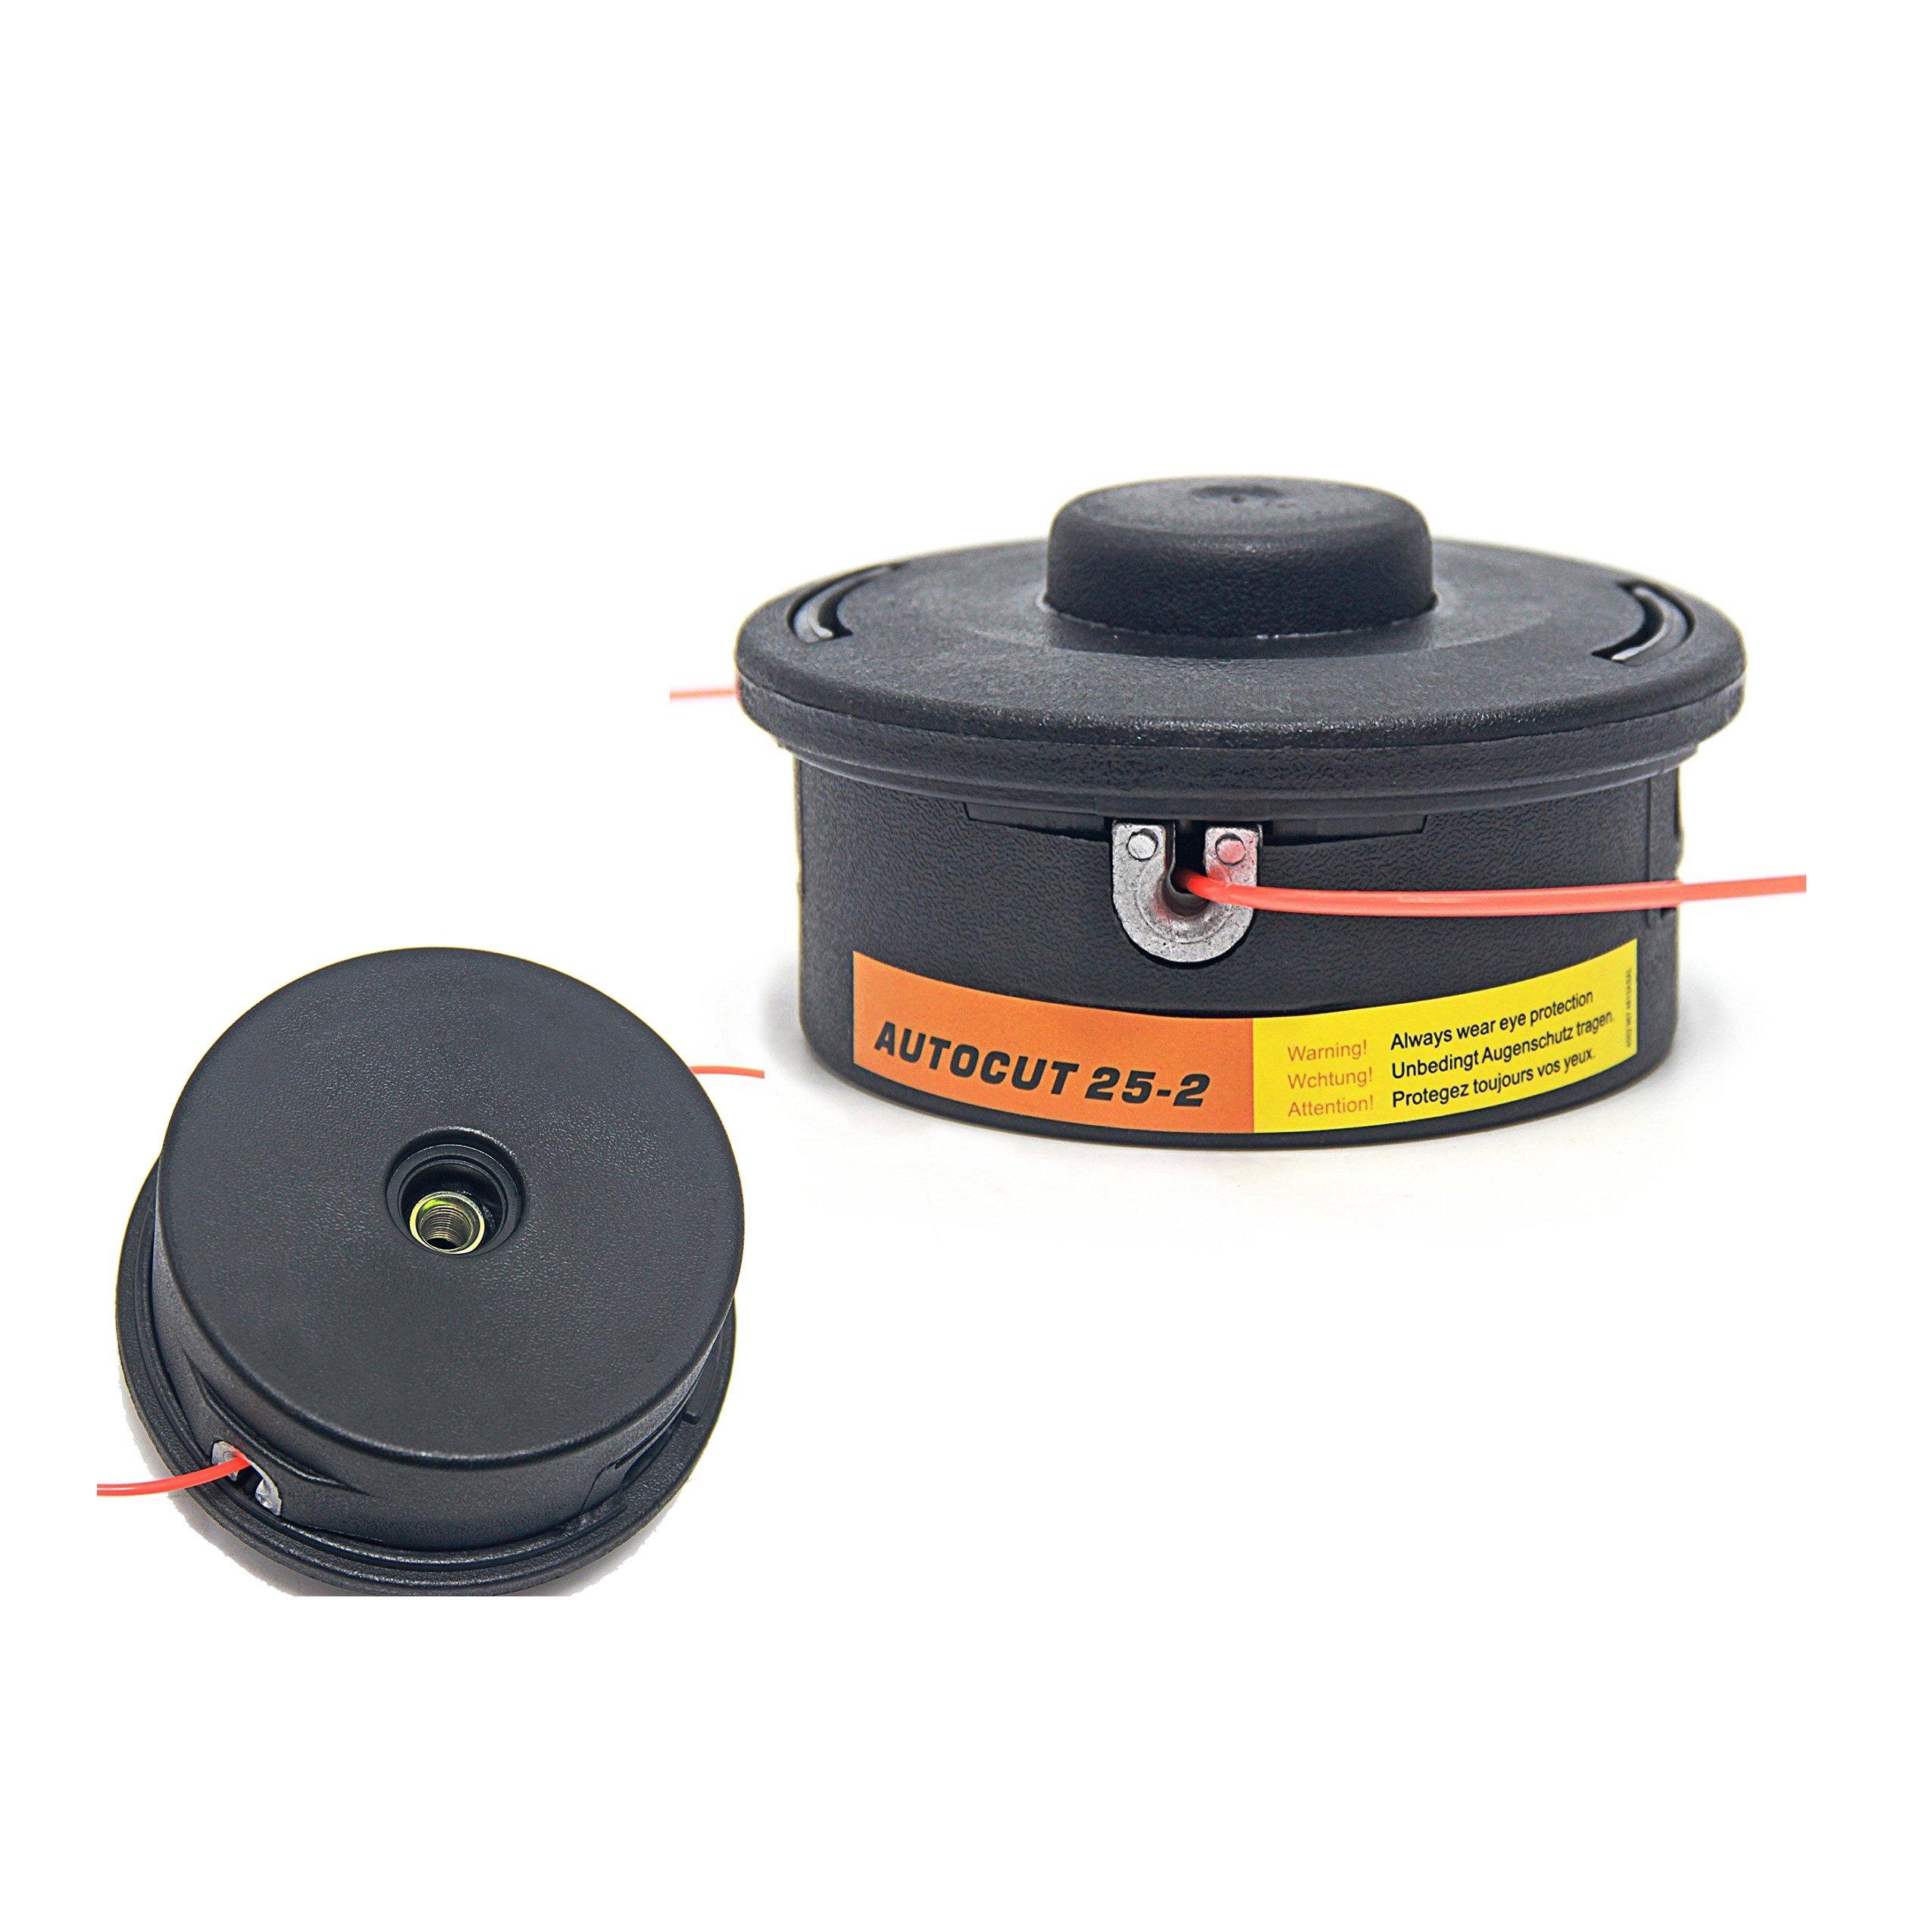 Hippotech Trimmer Head Fits Stihl FS44 FS55 FS80 FS83 FS85 FS86 FS88 FS90 FS110 FS130 Replacement Part Number :4002-710-2191 & 4002-713-9608